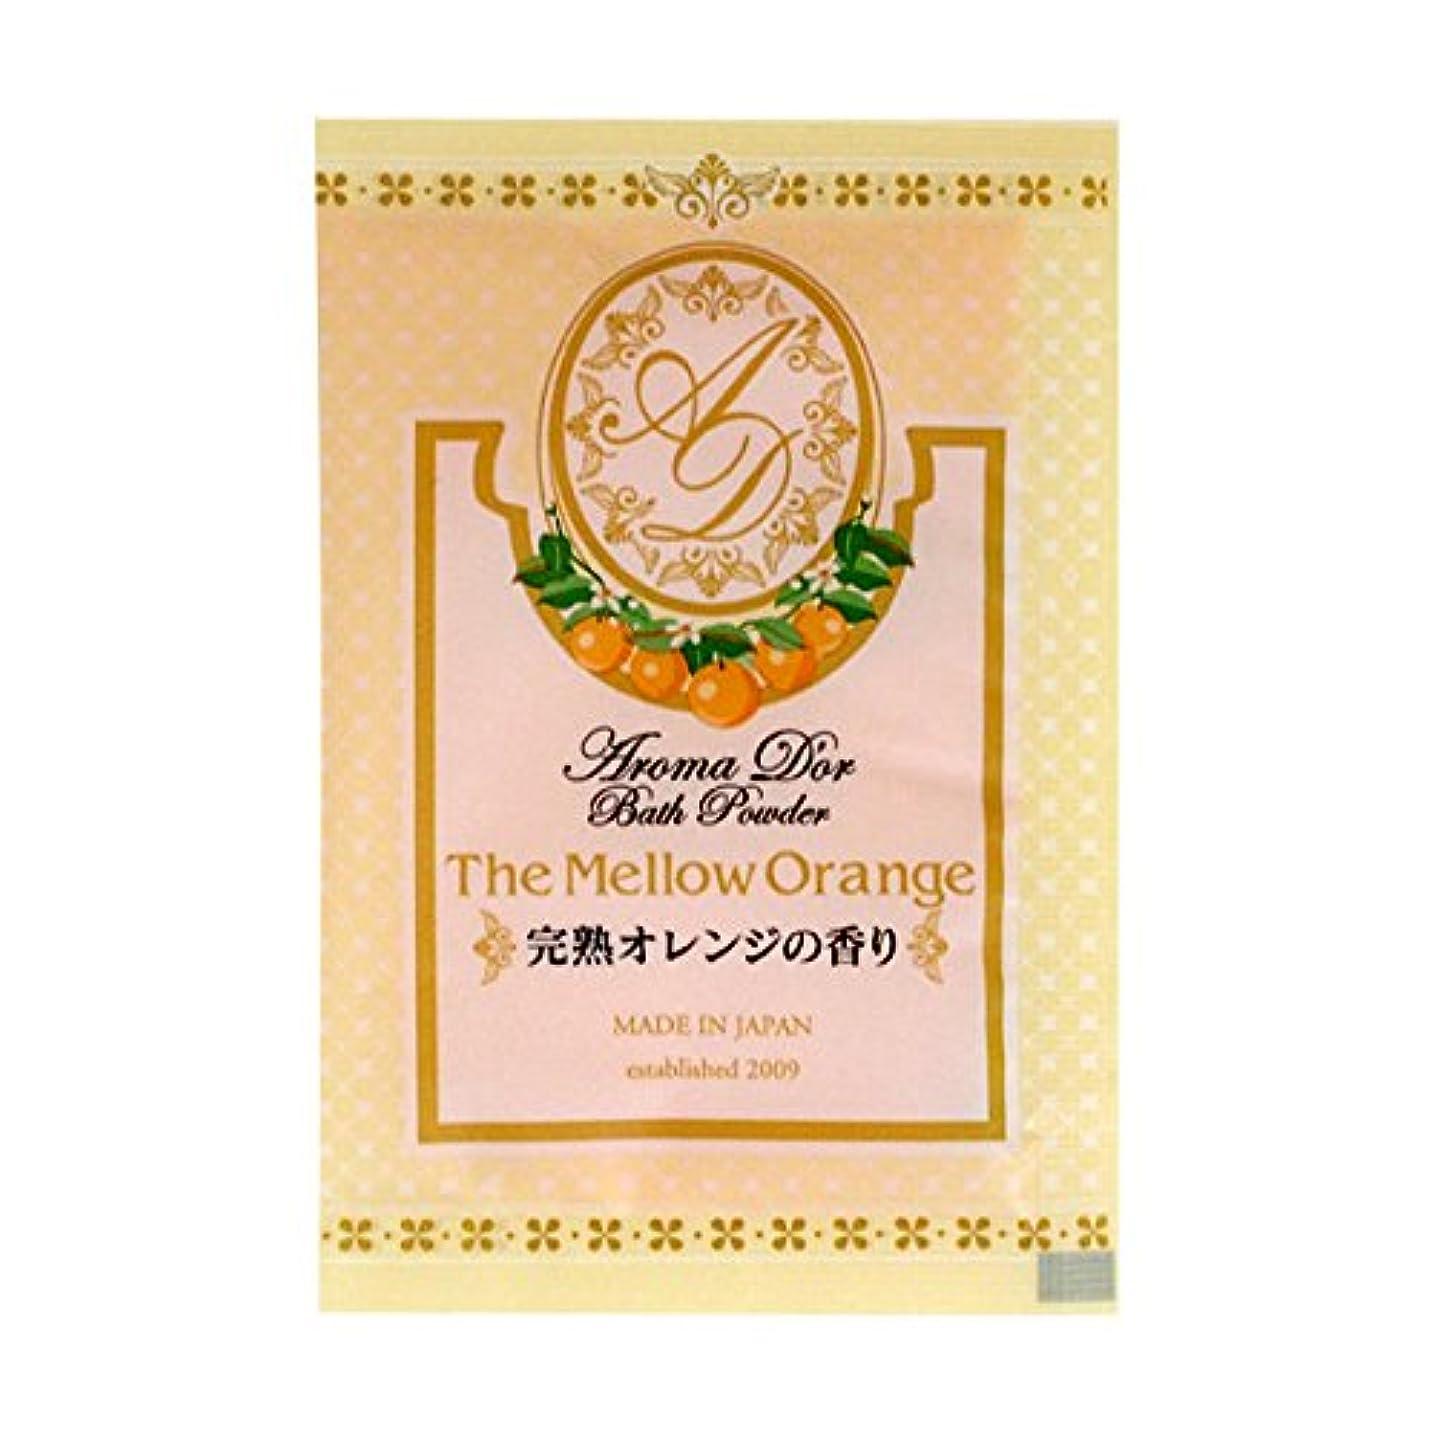 薄いですキャベツ出会い入浴剤 アロマドールバスパウダー 「完熟オレンジの香り」30個